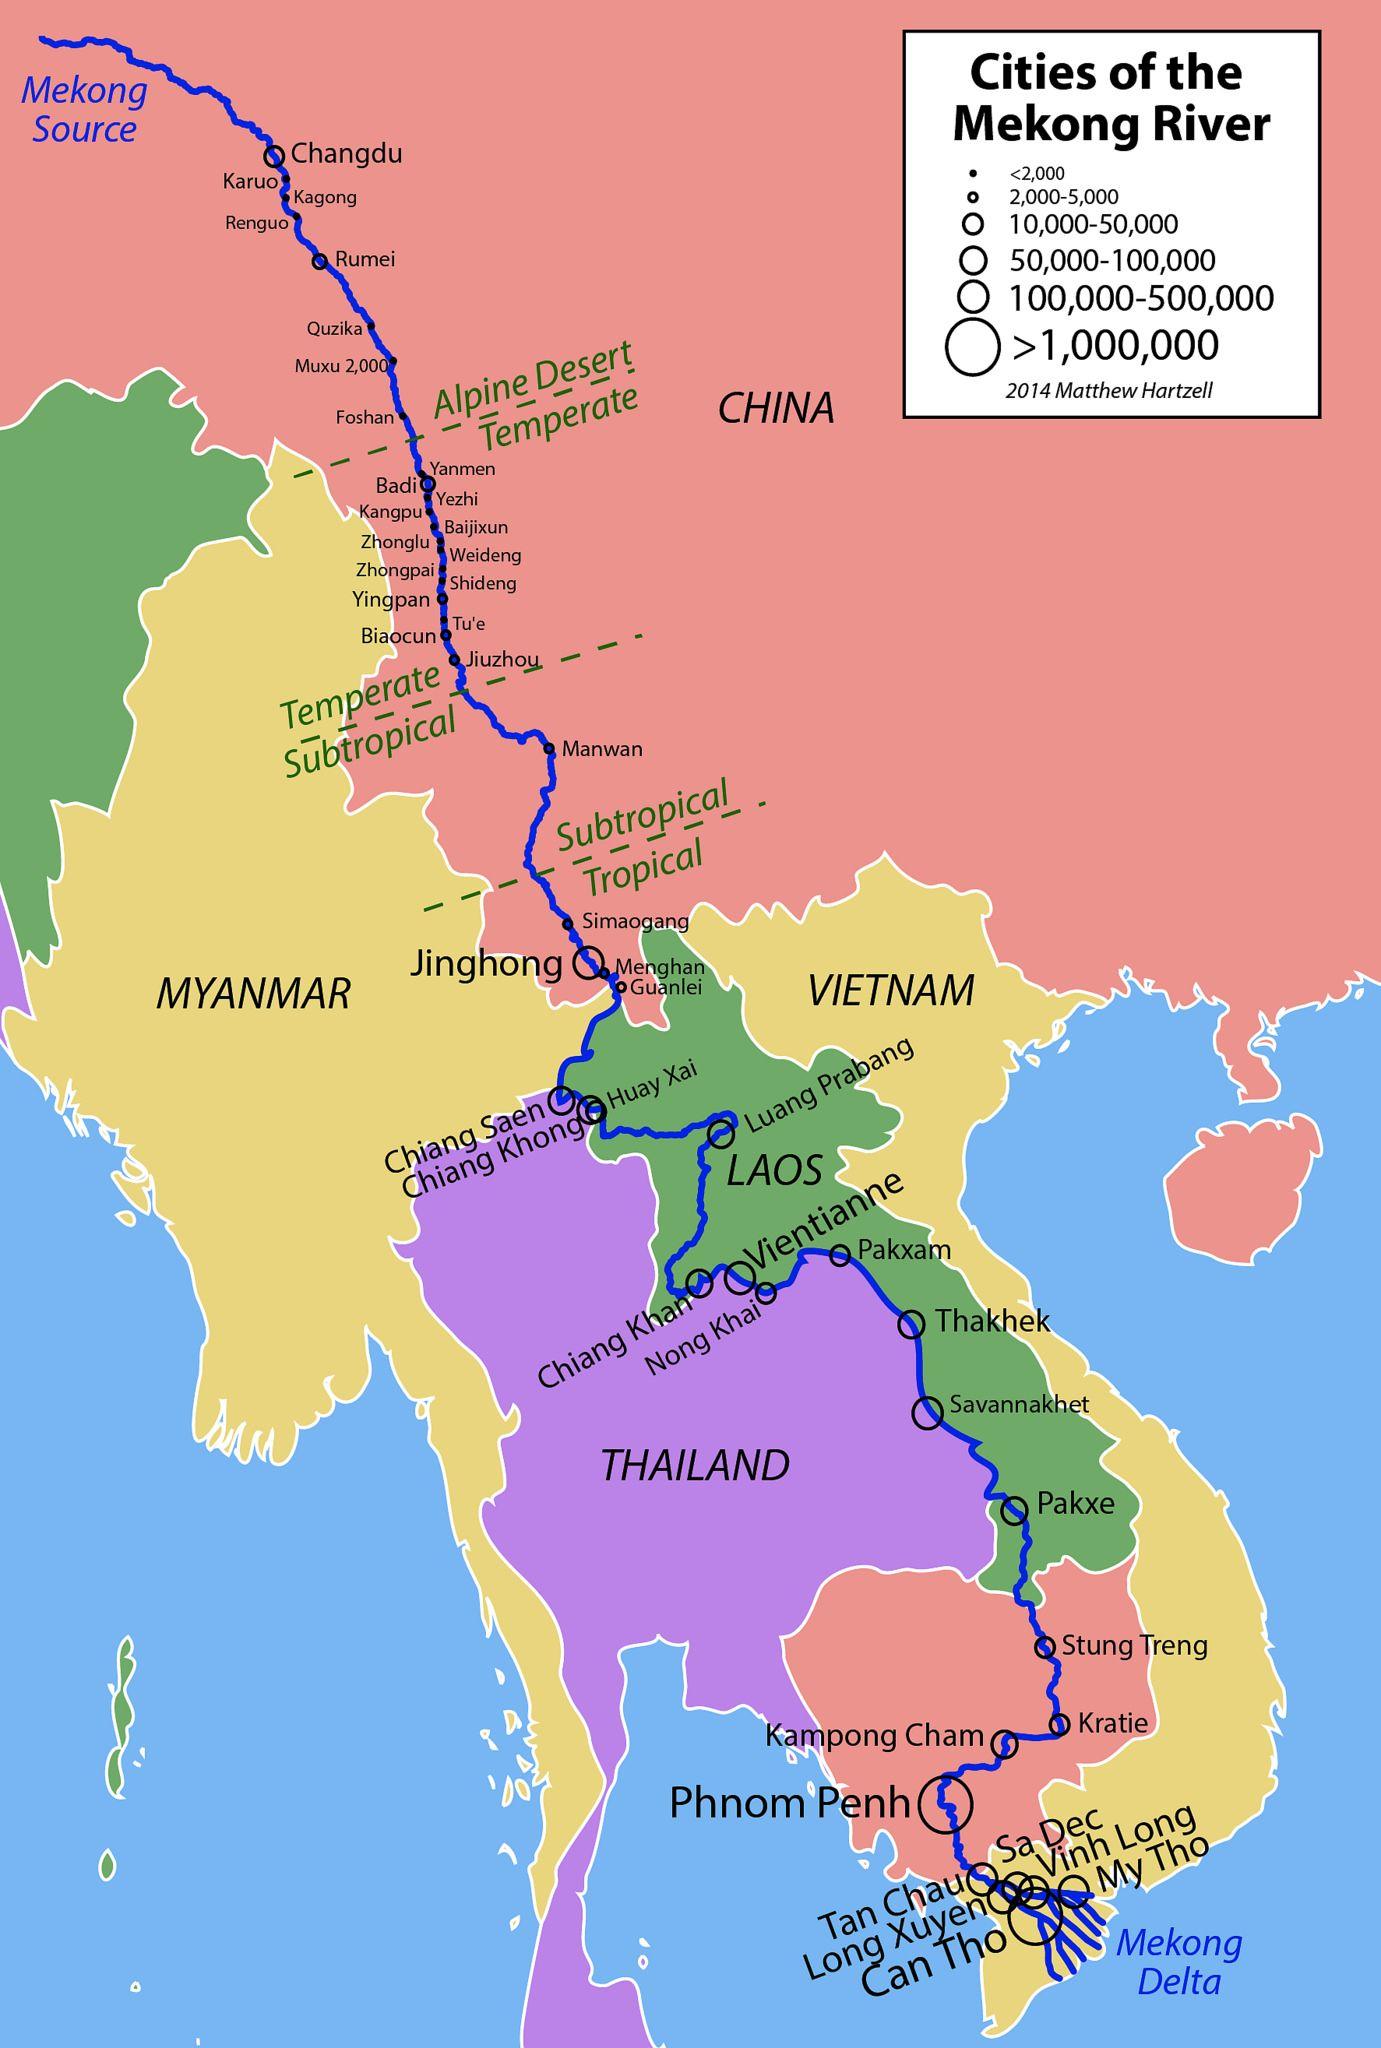 sông mekong chảy qua bao nhiêu nước